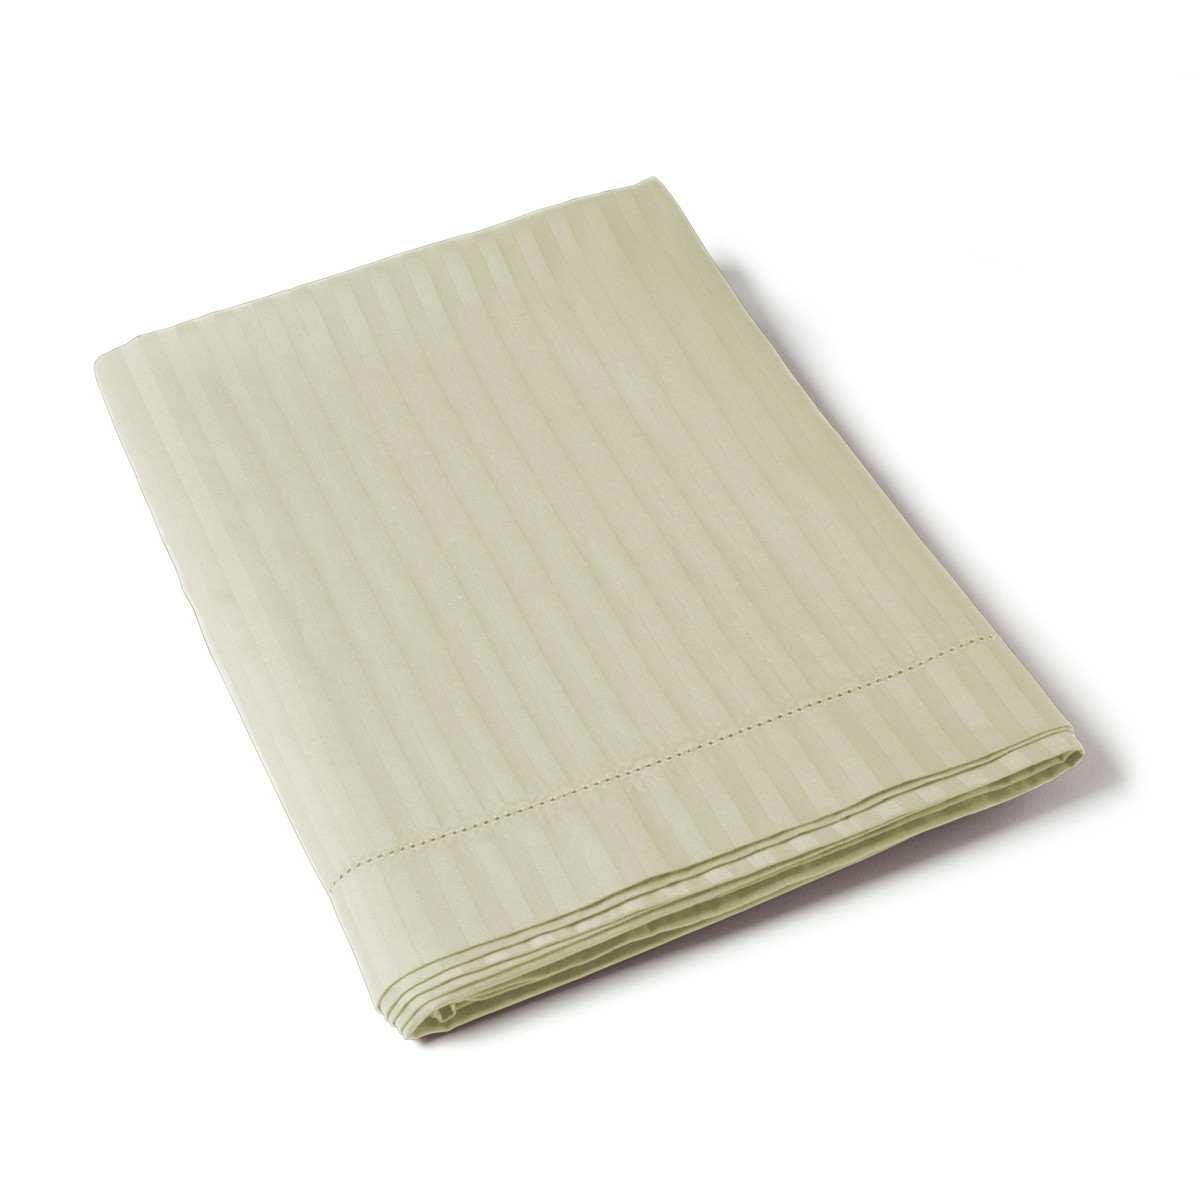 Flat Sheet Satin Couture Jour Venise ivory | Bed linen | Tradition des Vosges